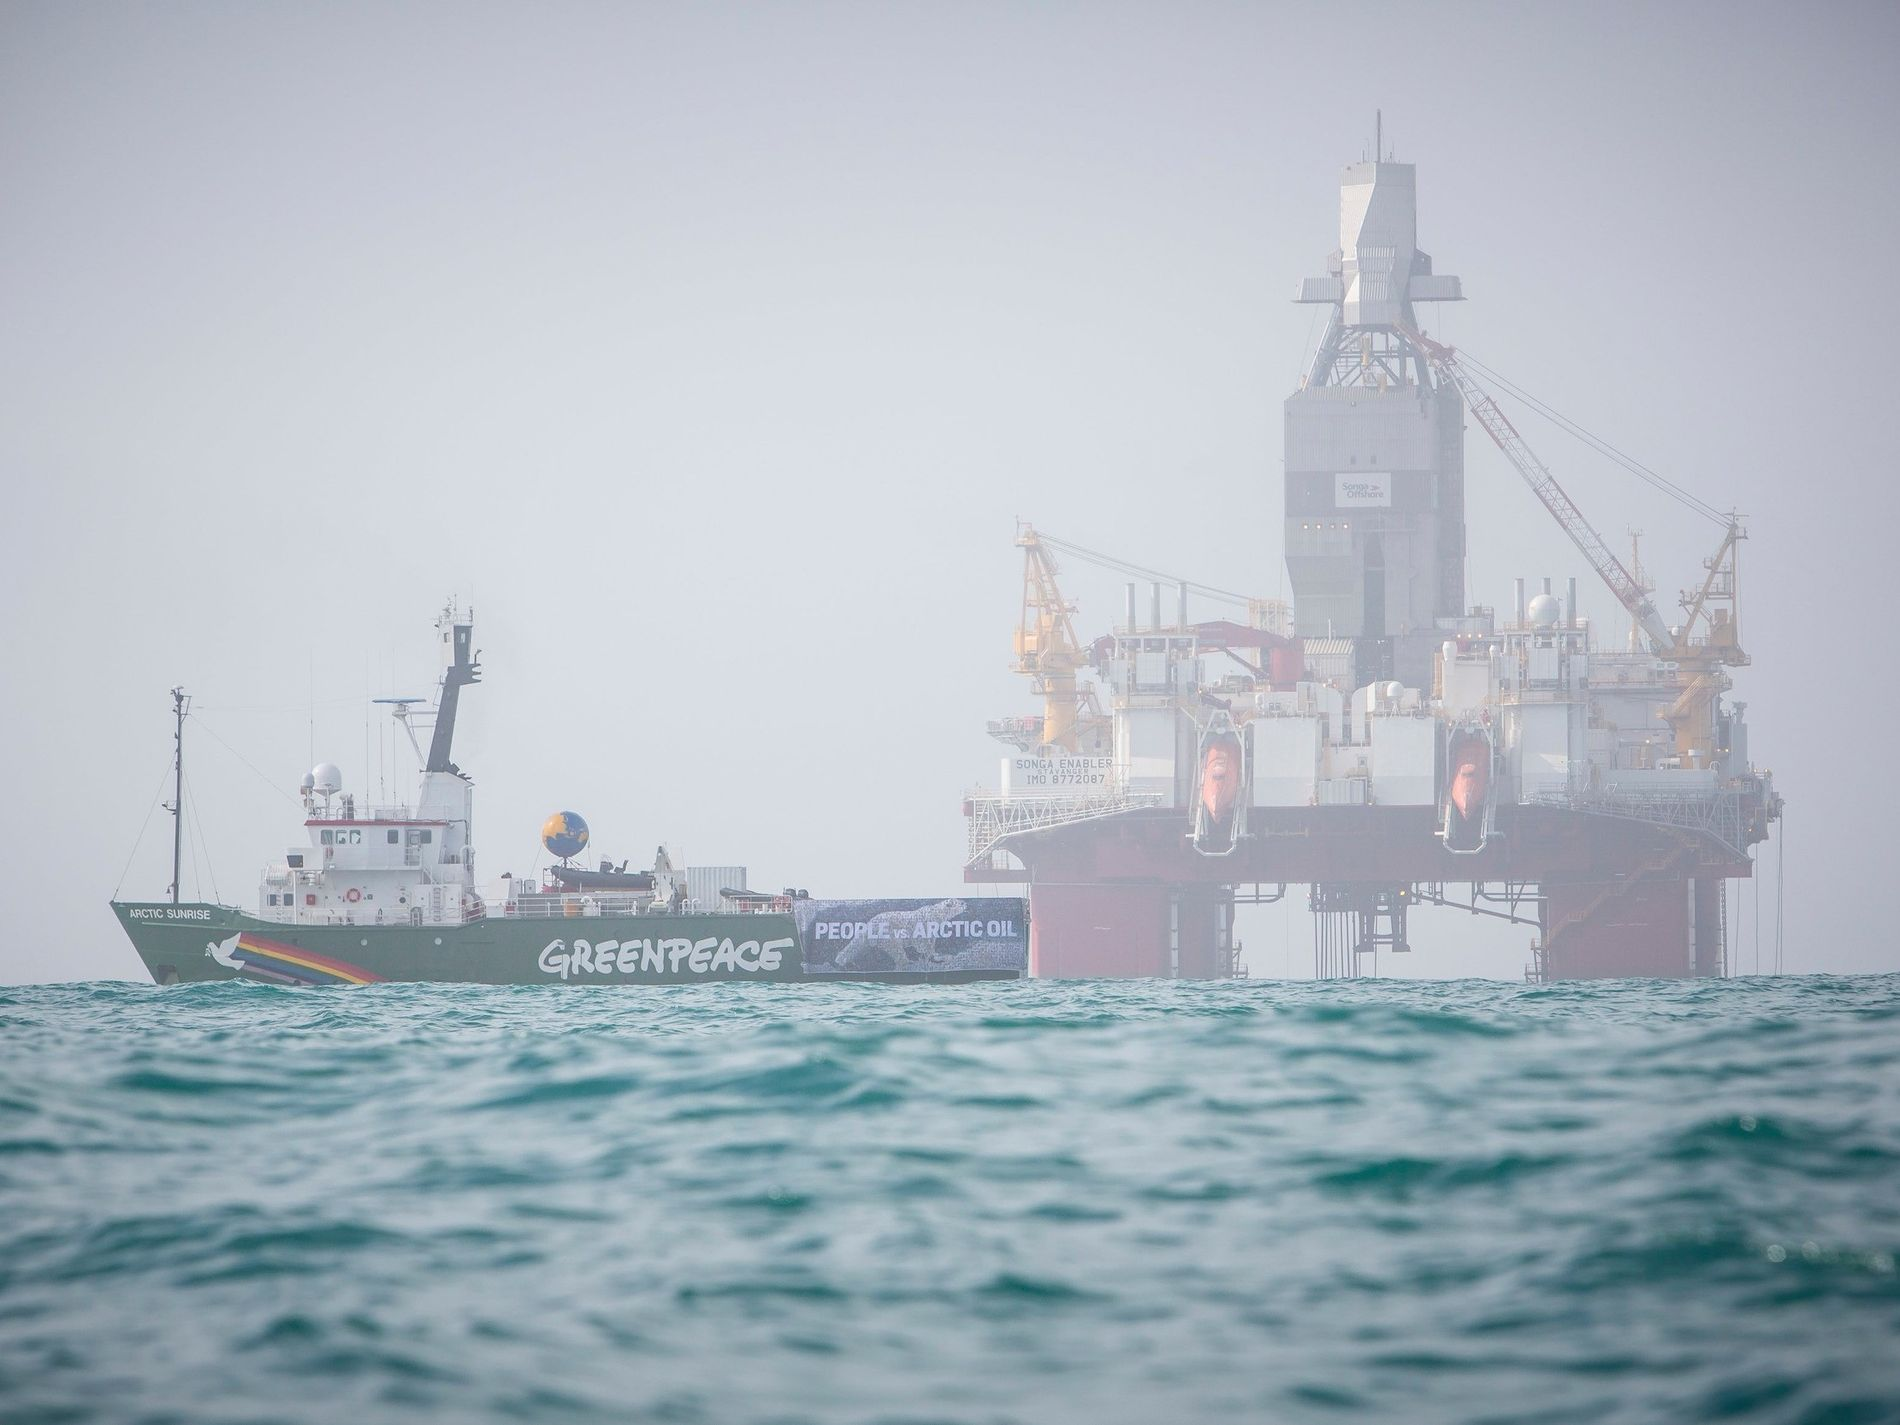 TIL HAVS: Her ligger Greenpeace-skipet Arctic Sunrise i nærheten av riggen Songa Enabler, som borer Gemini Nord-brønnen i Barentshavet på oppdrag fra Statoil. Miljøvernerne er bekymret for sjøfugl og natur i nordområdene, og ønsker å stanse en del av de nordligste oljebrønnene, som Korpfjell og Koigen. Greenpeace og Natur og Ungdom har også gått til sak mot staten for å få underkjent 23. konsesjonsrunde på norsk sokkel.